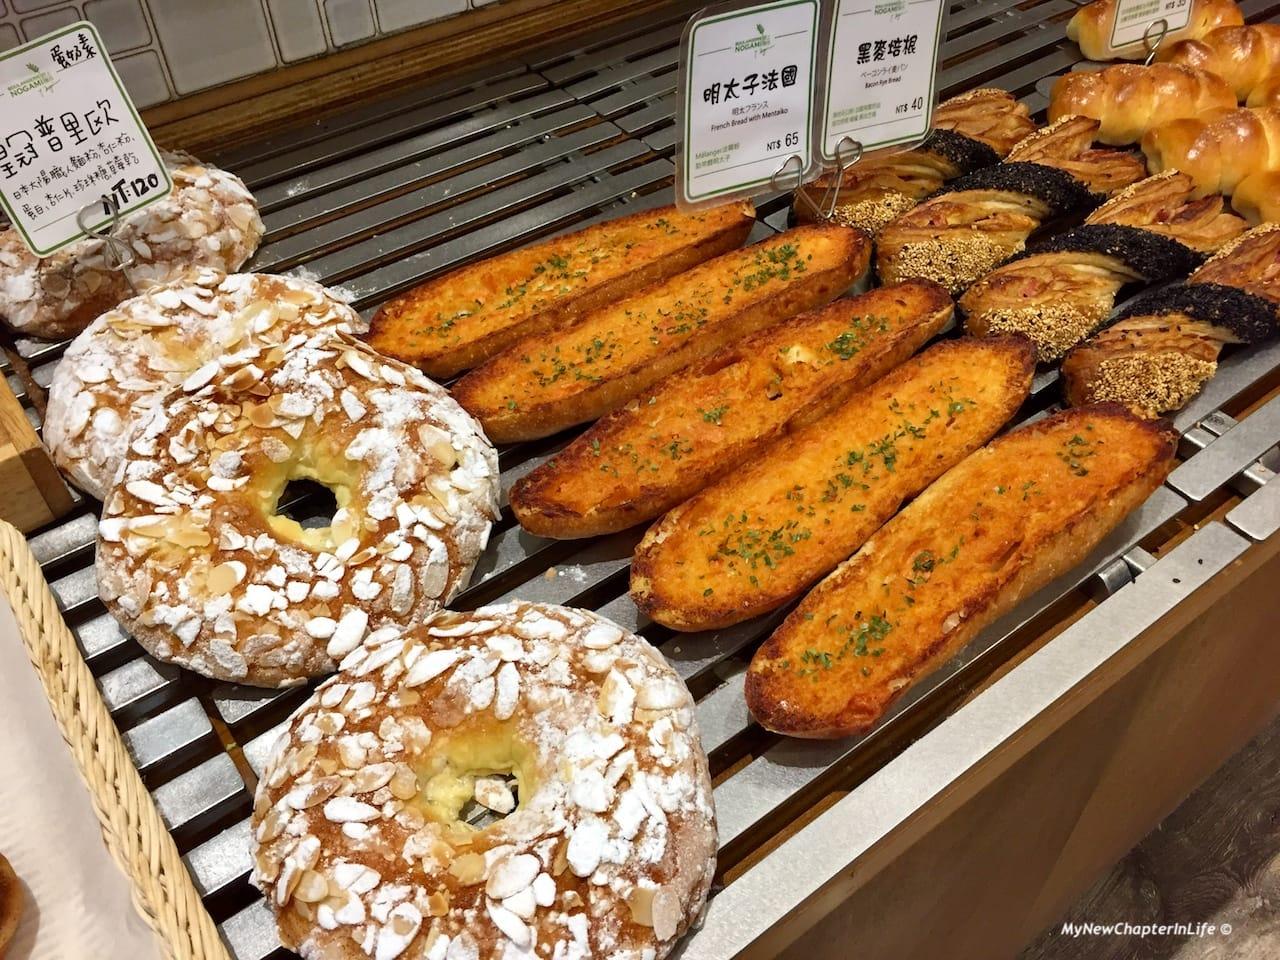 普理歐、明太子法包 Brioche and French bread with Cod roe